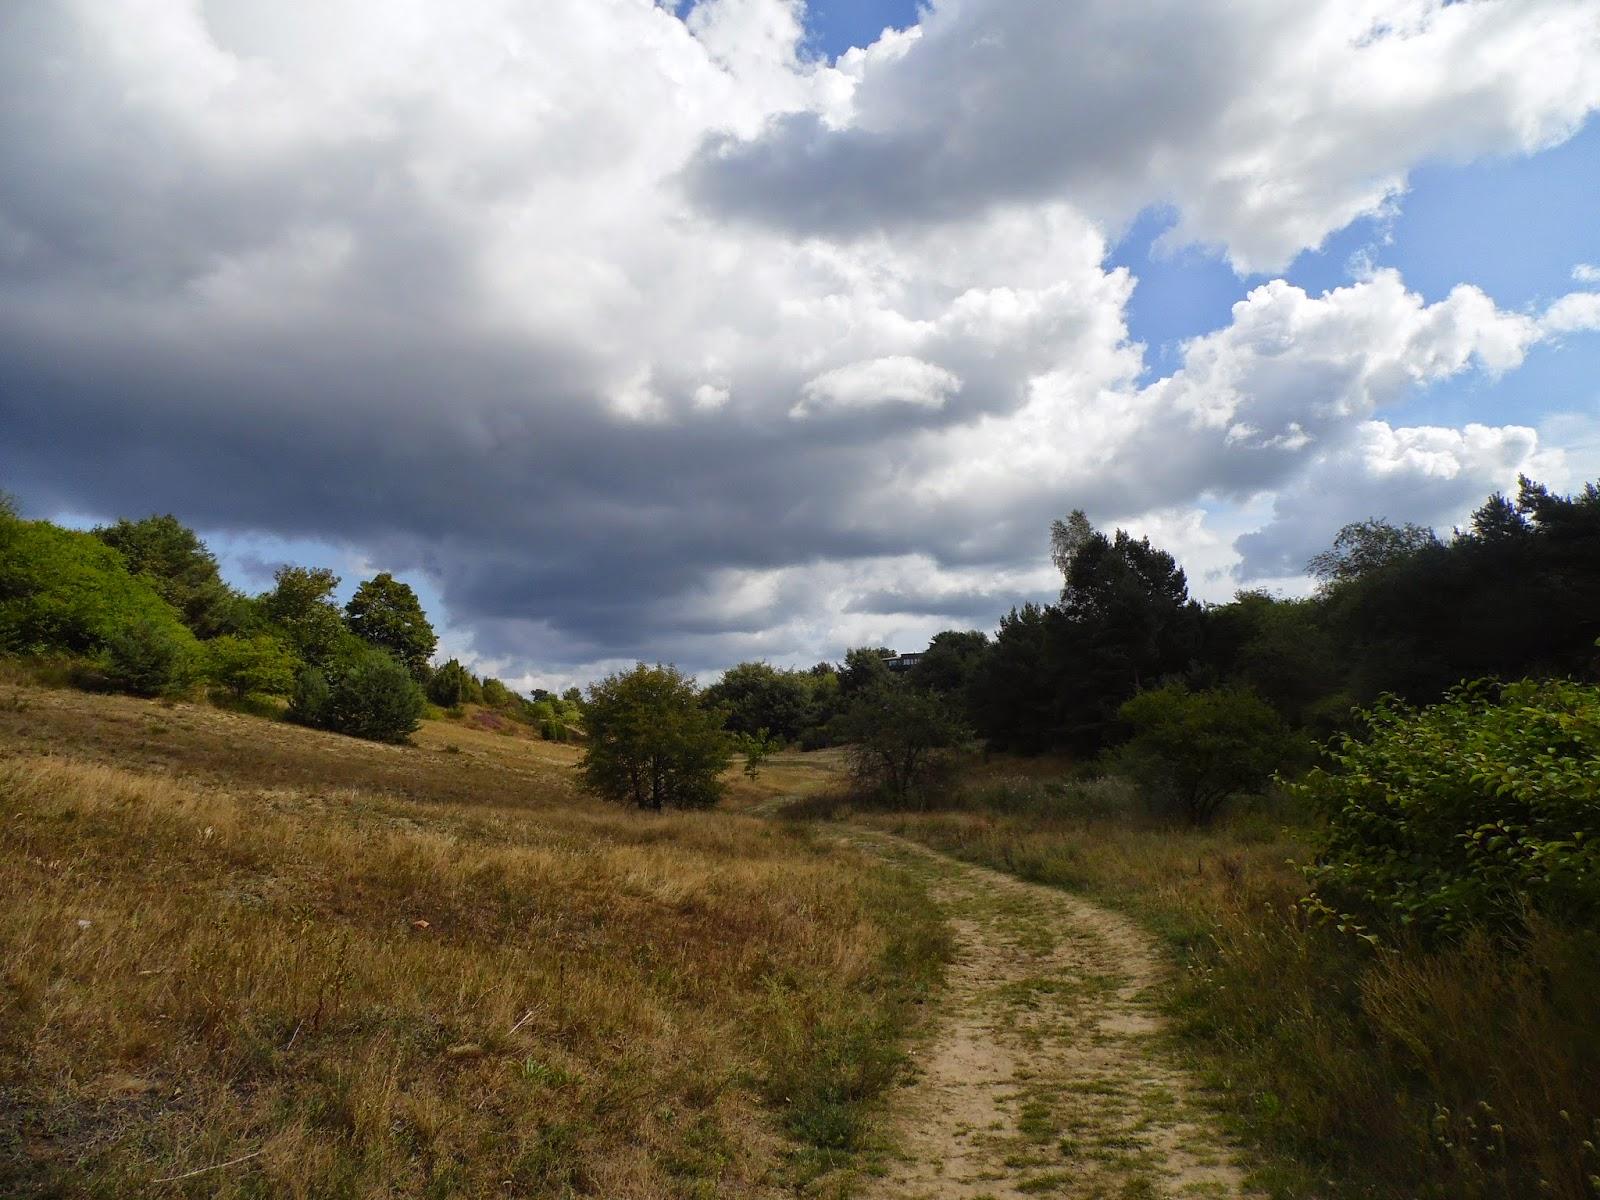 Widok ze Strondowego Jaru w Jastrzębiej Górze w kierunku Drogi Rybackiej